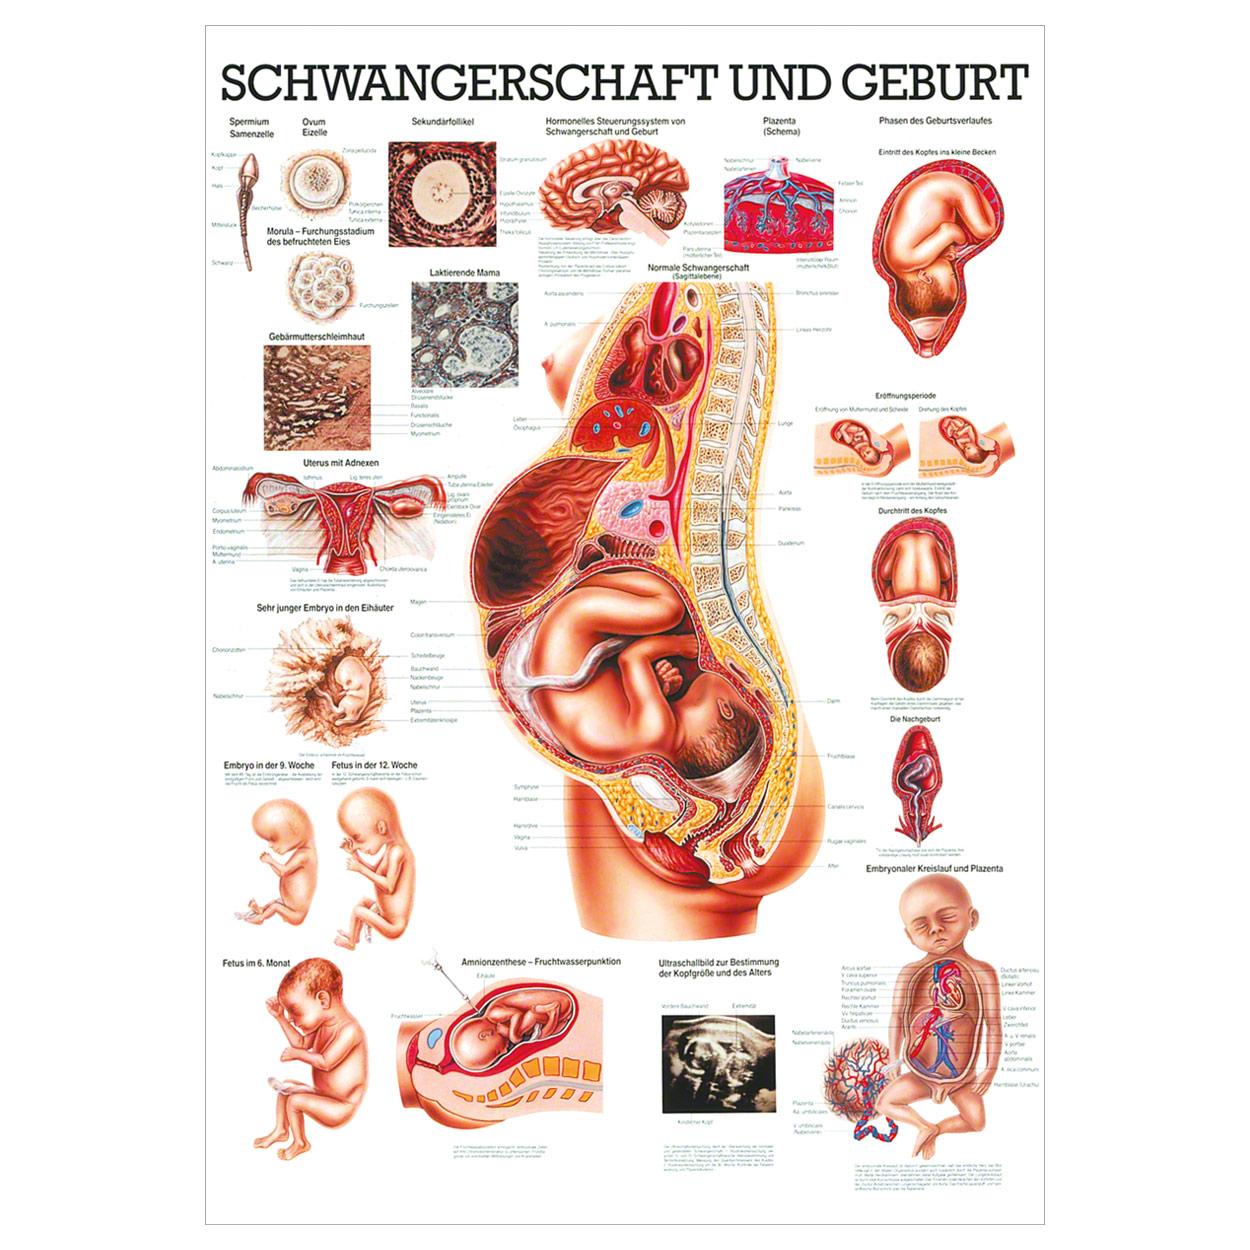 Dokumentation Schwangerschaft Und Geburt